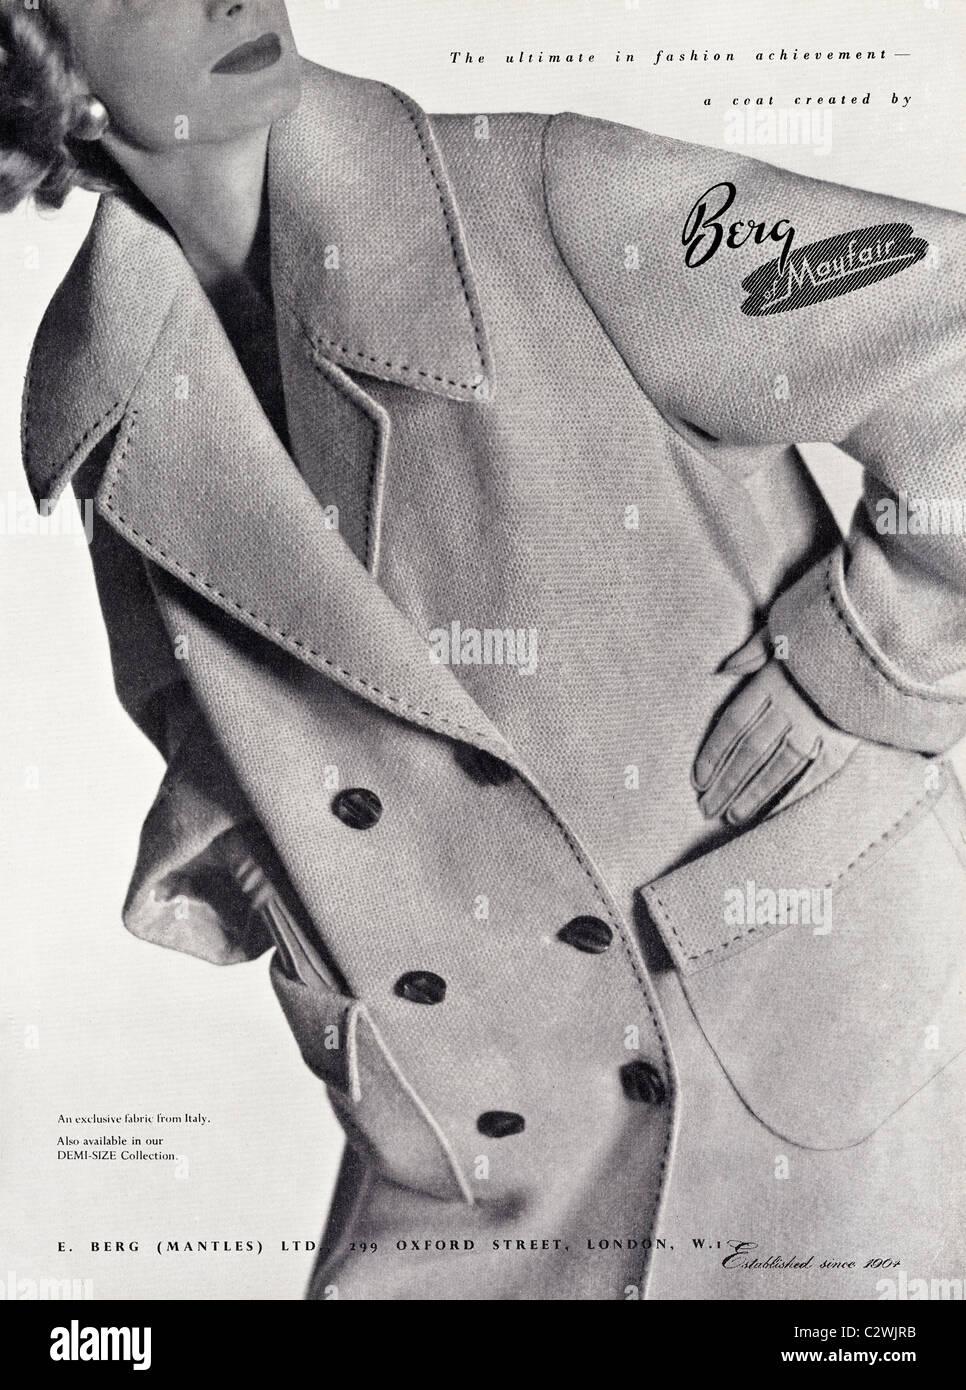 Pagina piena annuncio nella rivista di moda circa degli anni cinquanta per  la donna Cappotto di 09cceafd29b